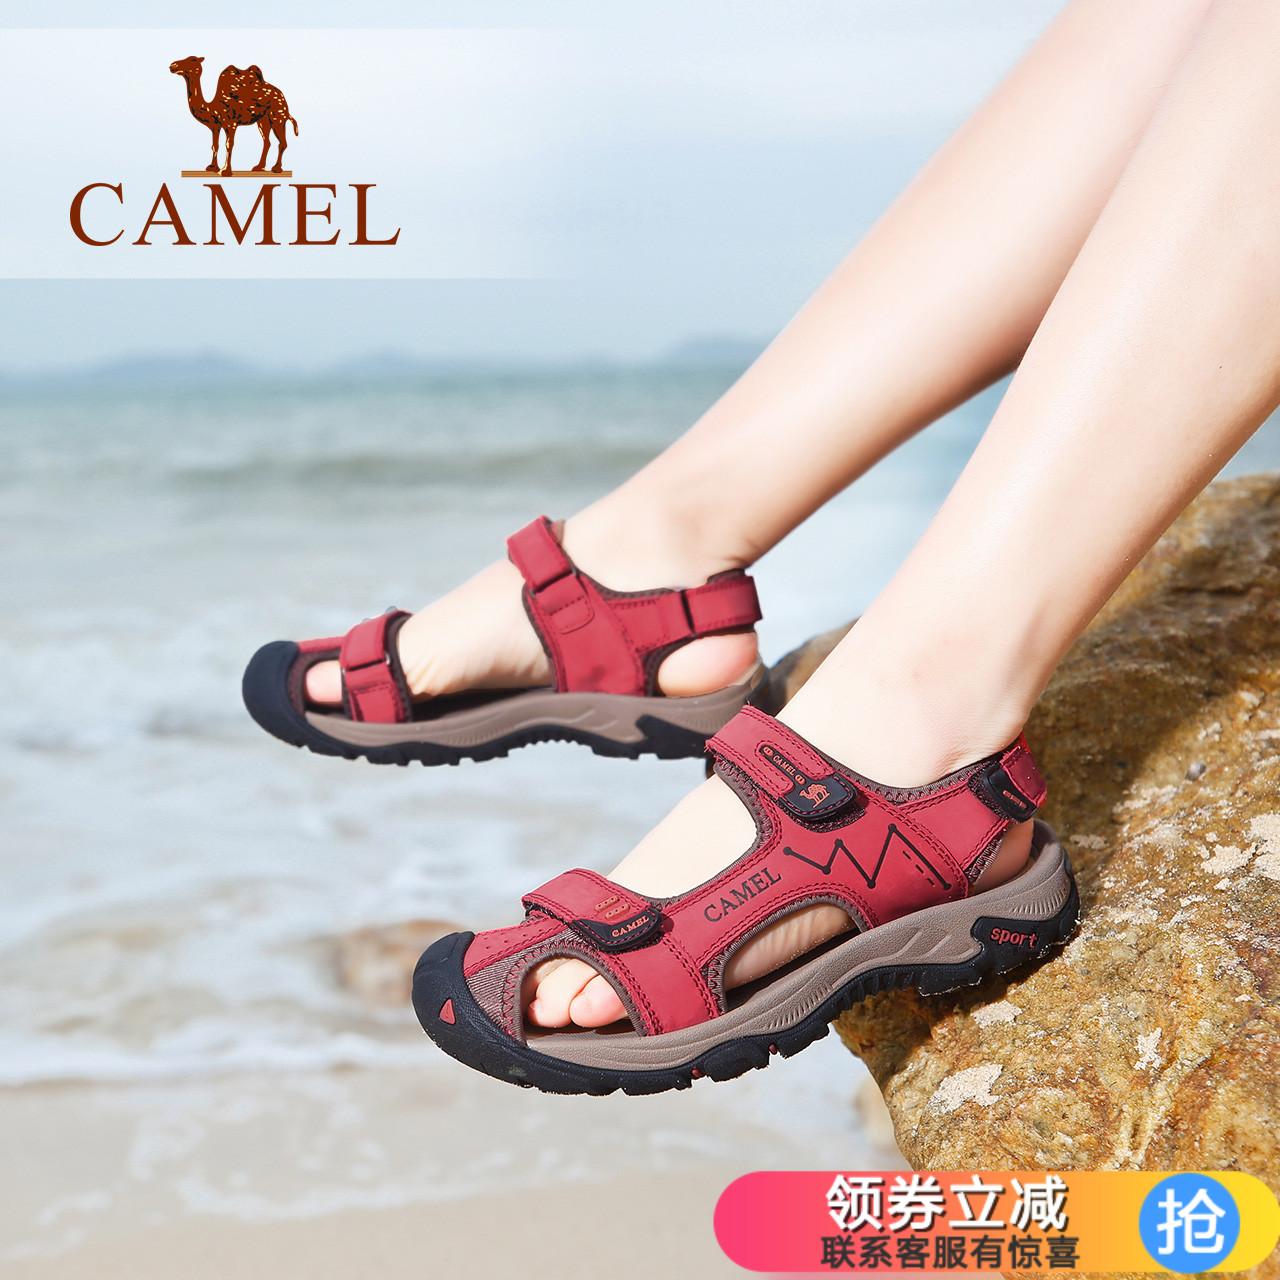 骆驼户外情侣凉鞋夏季平底沙滩鞋男女包头涉水鞋海边度假溯溪凉拖